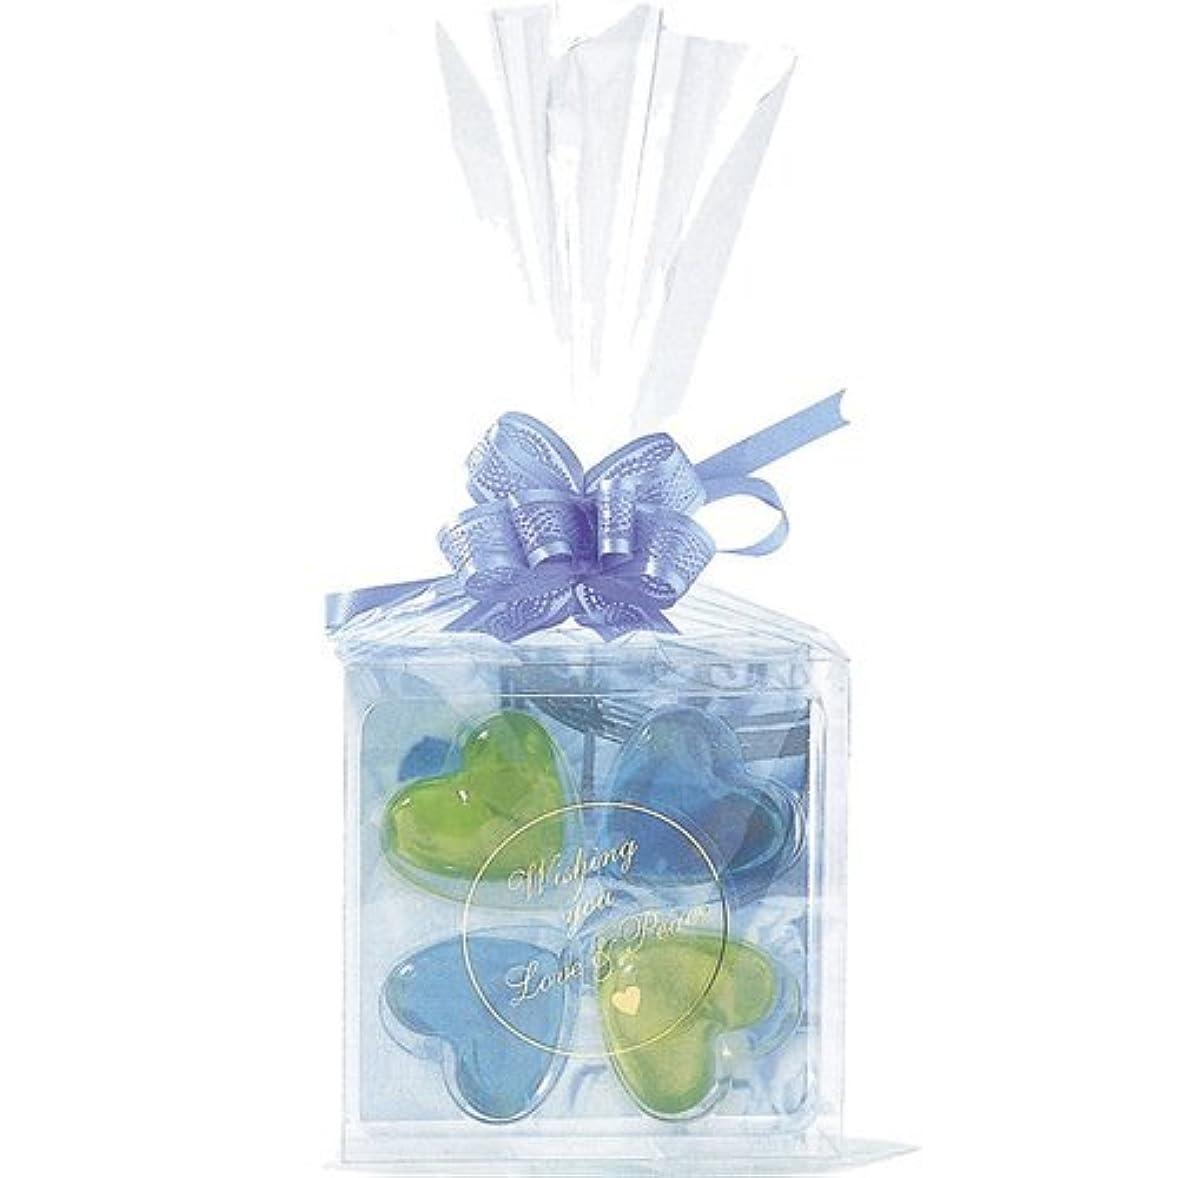 しばしば単語メンダシティジーピークリエイツ フォーチューンクローバー ブルー 入浴料セット(グリーンアップル、ベリー)